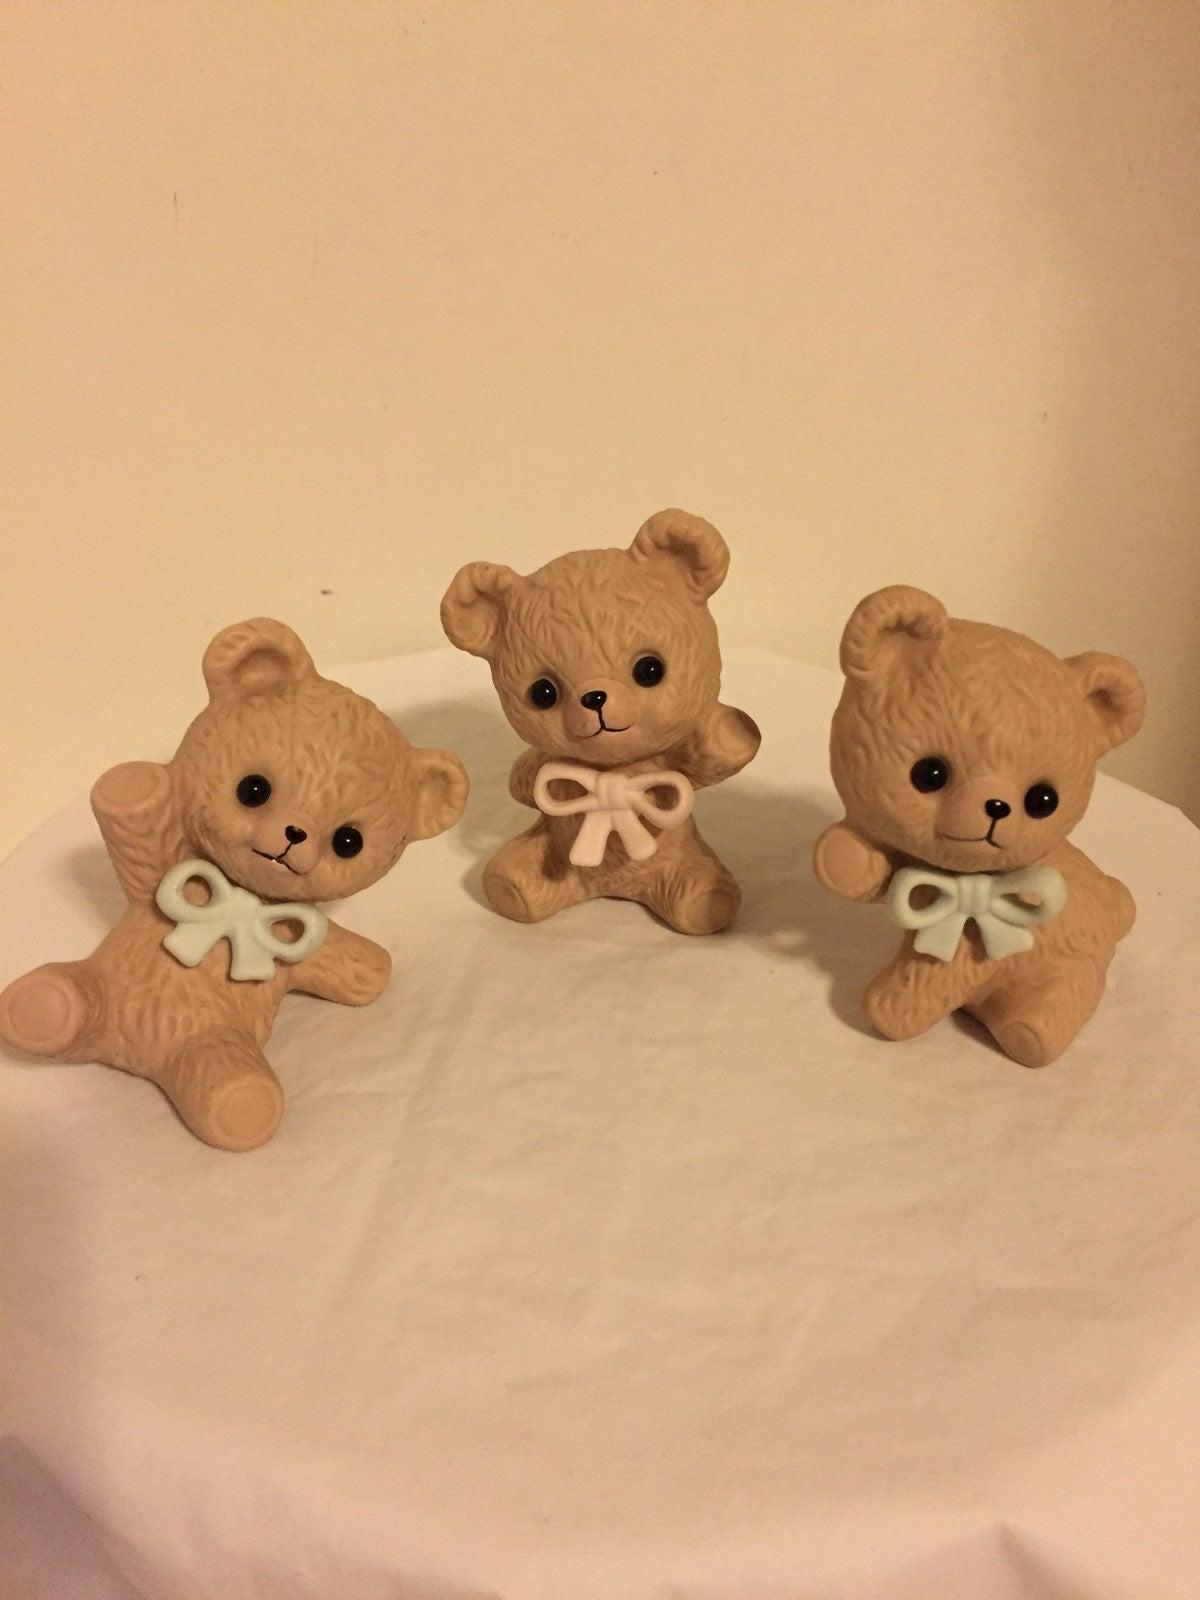 Ceramic Bears From Malaysia